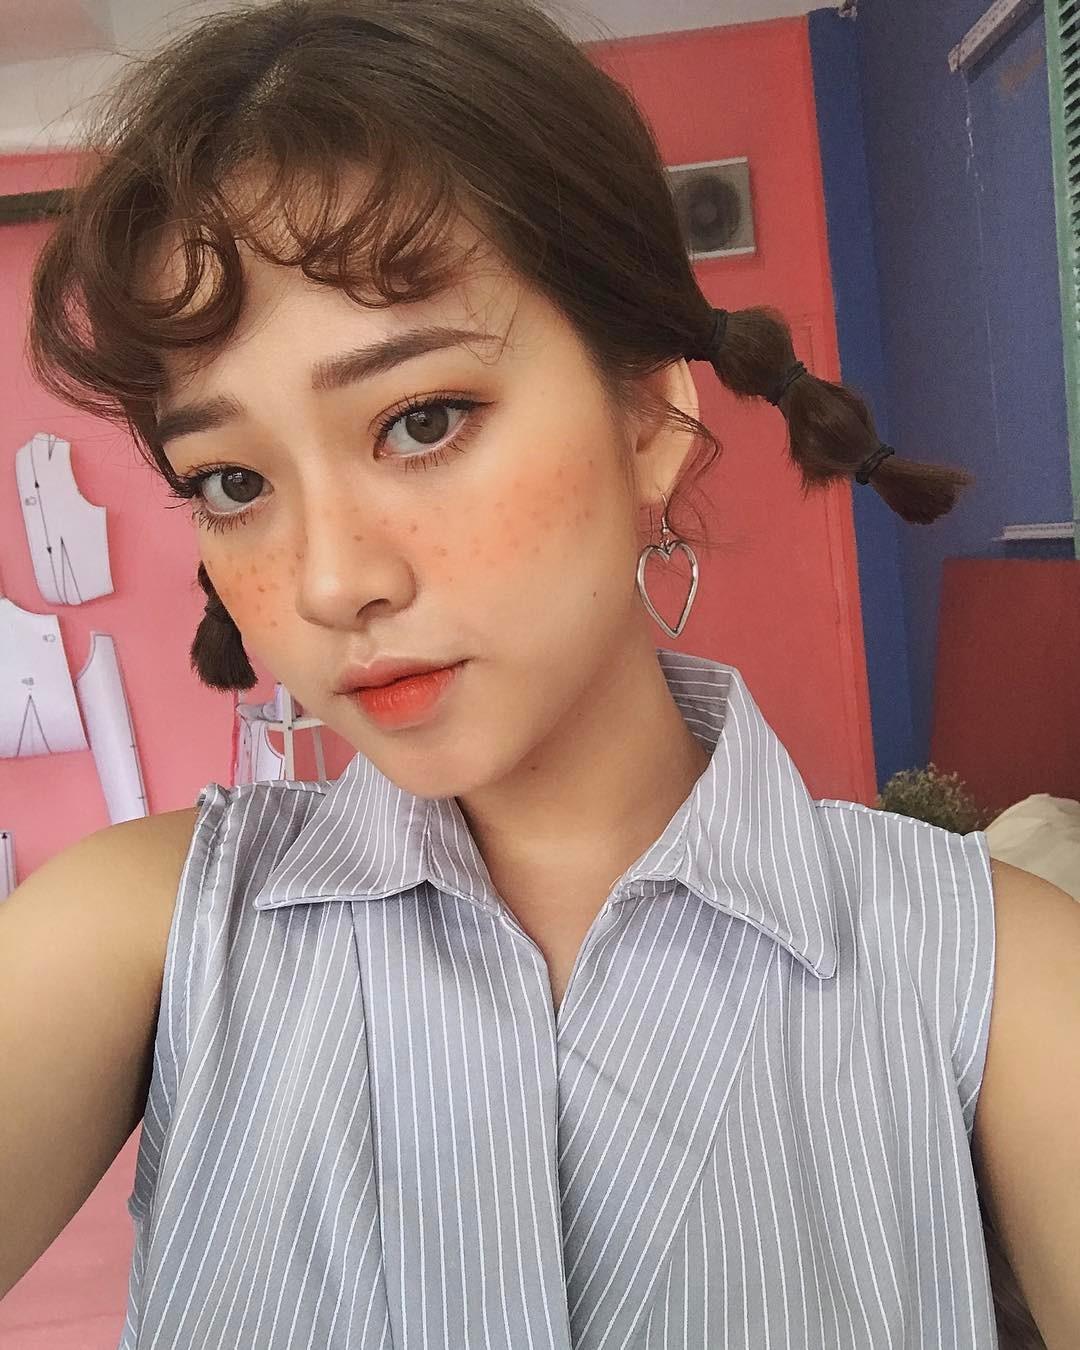 Trang điểm: 3 kiểu tóc xinh tuyệt vừa mát mẻ, gọn gàng vừa ăn hình giúp con gái